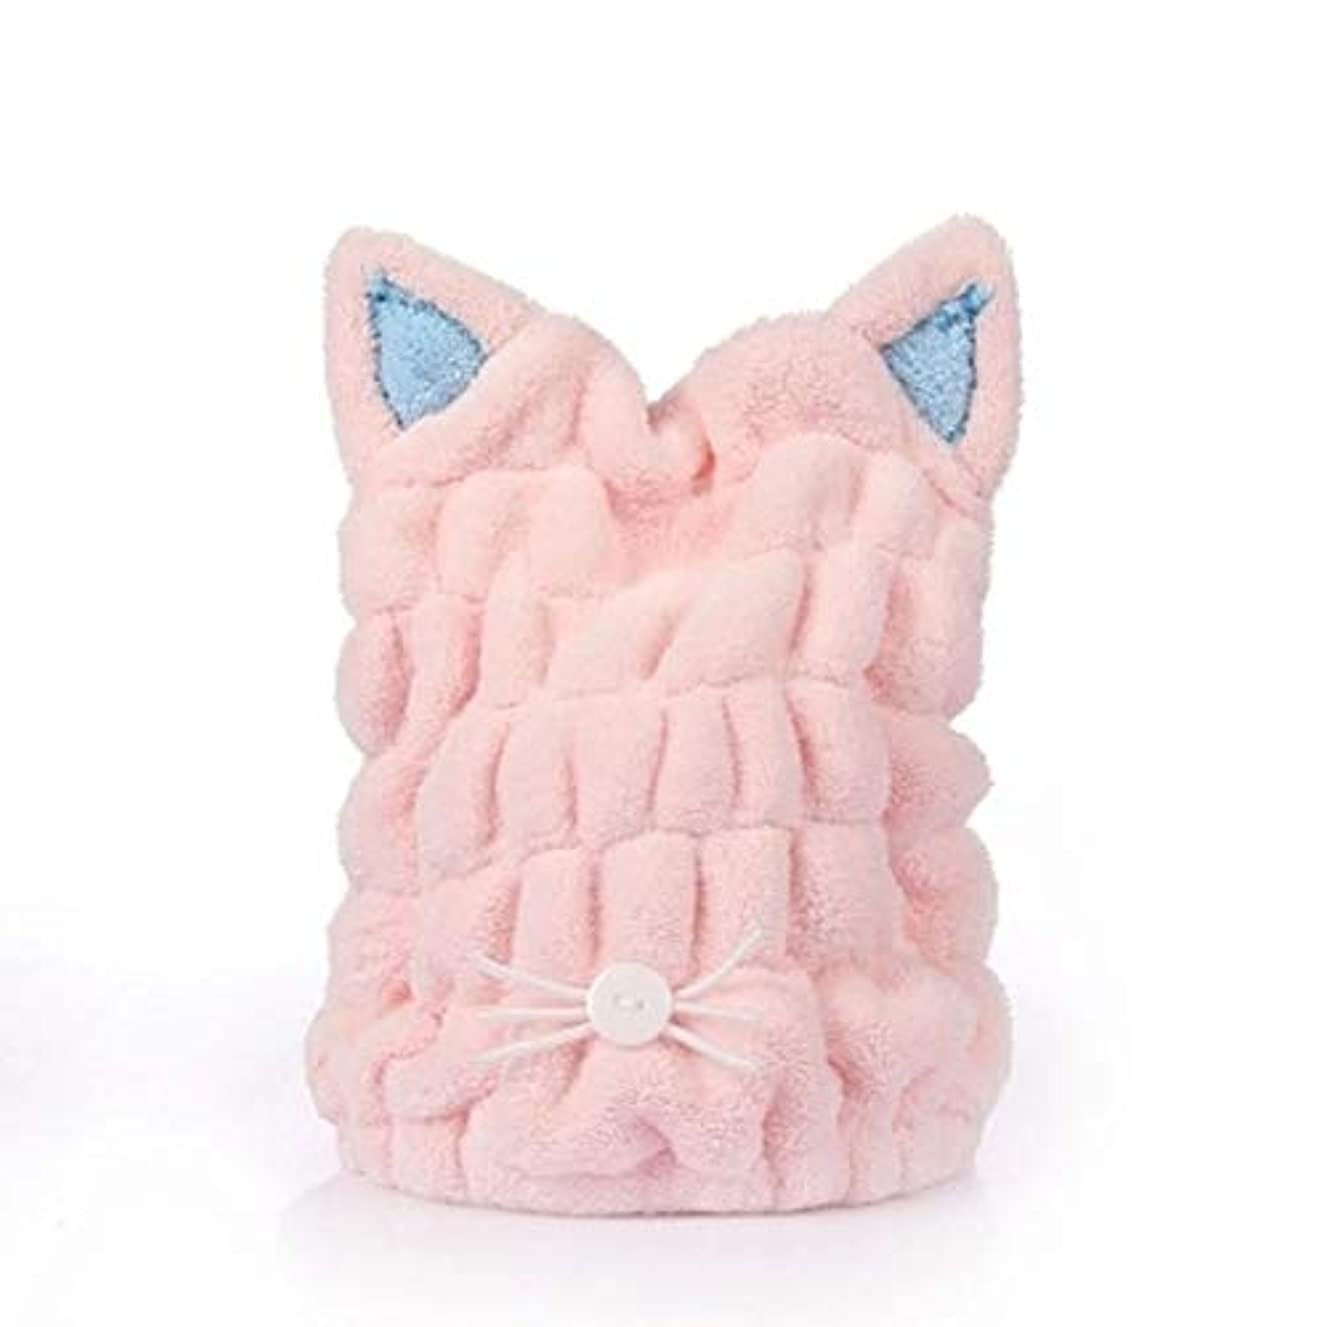 論文雨の修士号Onior タオルキャップ 猫耳 ヘアドライキャップ 吸水 乾燥用 かわいい マイクロファイバー ふわふわ アニマル タオル お風呂用 (ピンク)